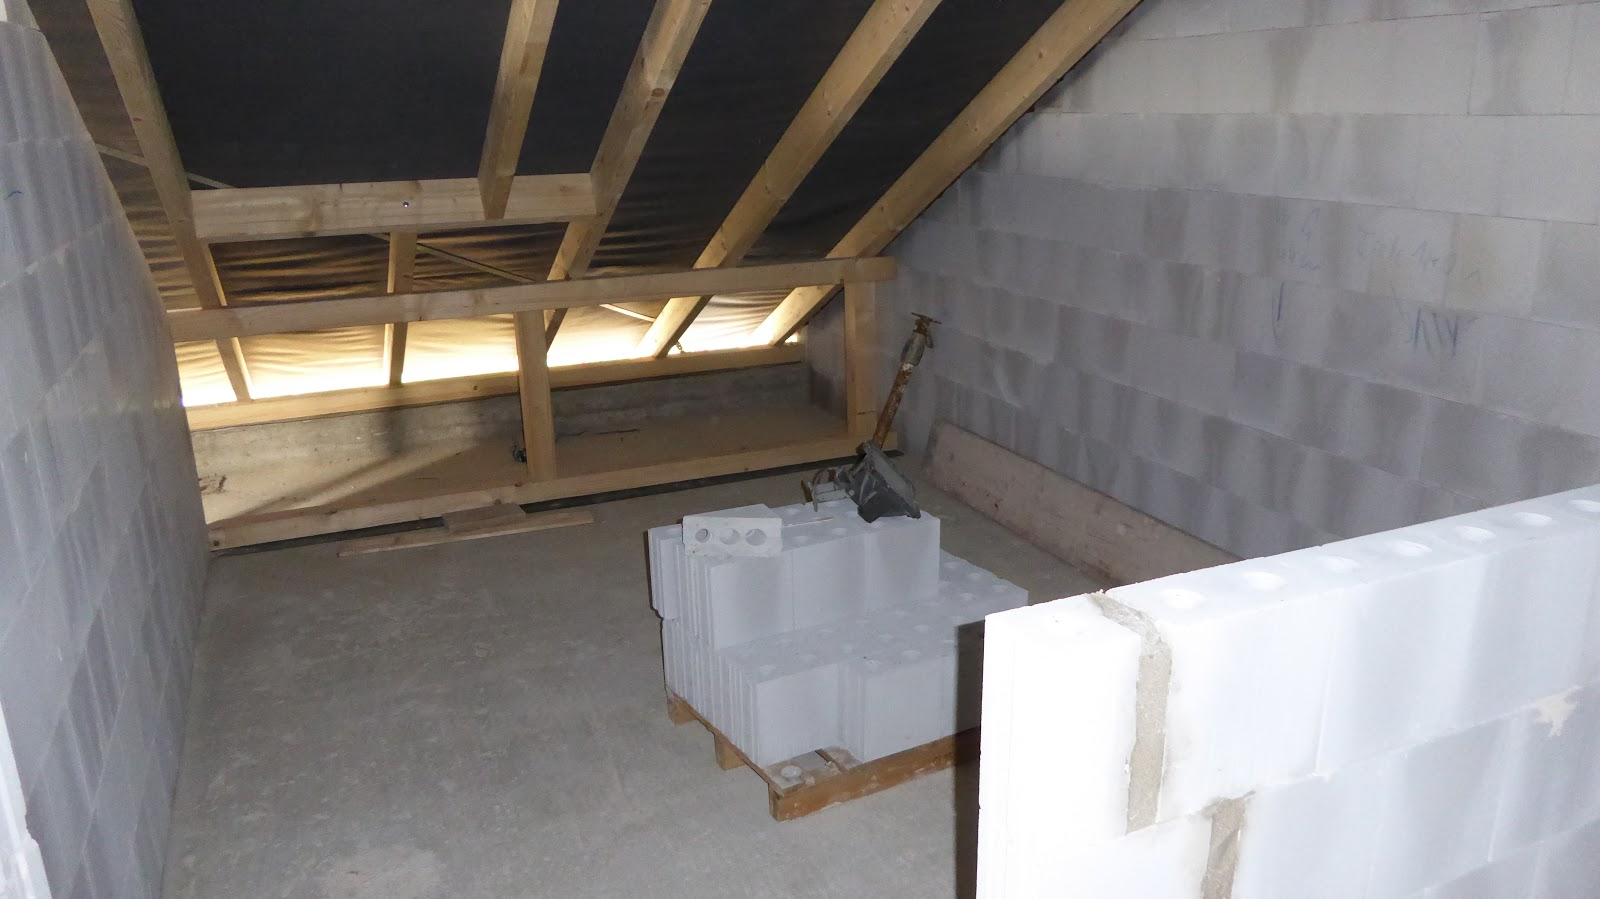 Extrem Wir bauen uns ein Haus: Mauern im Dachgeschoss ZA99